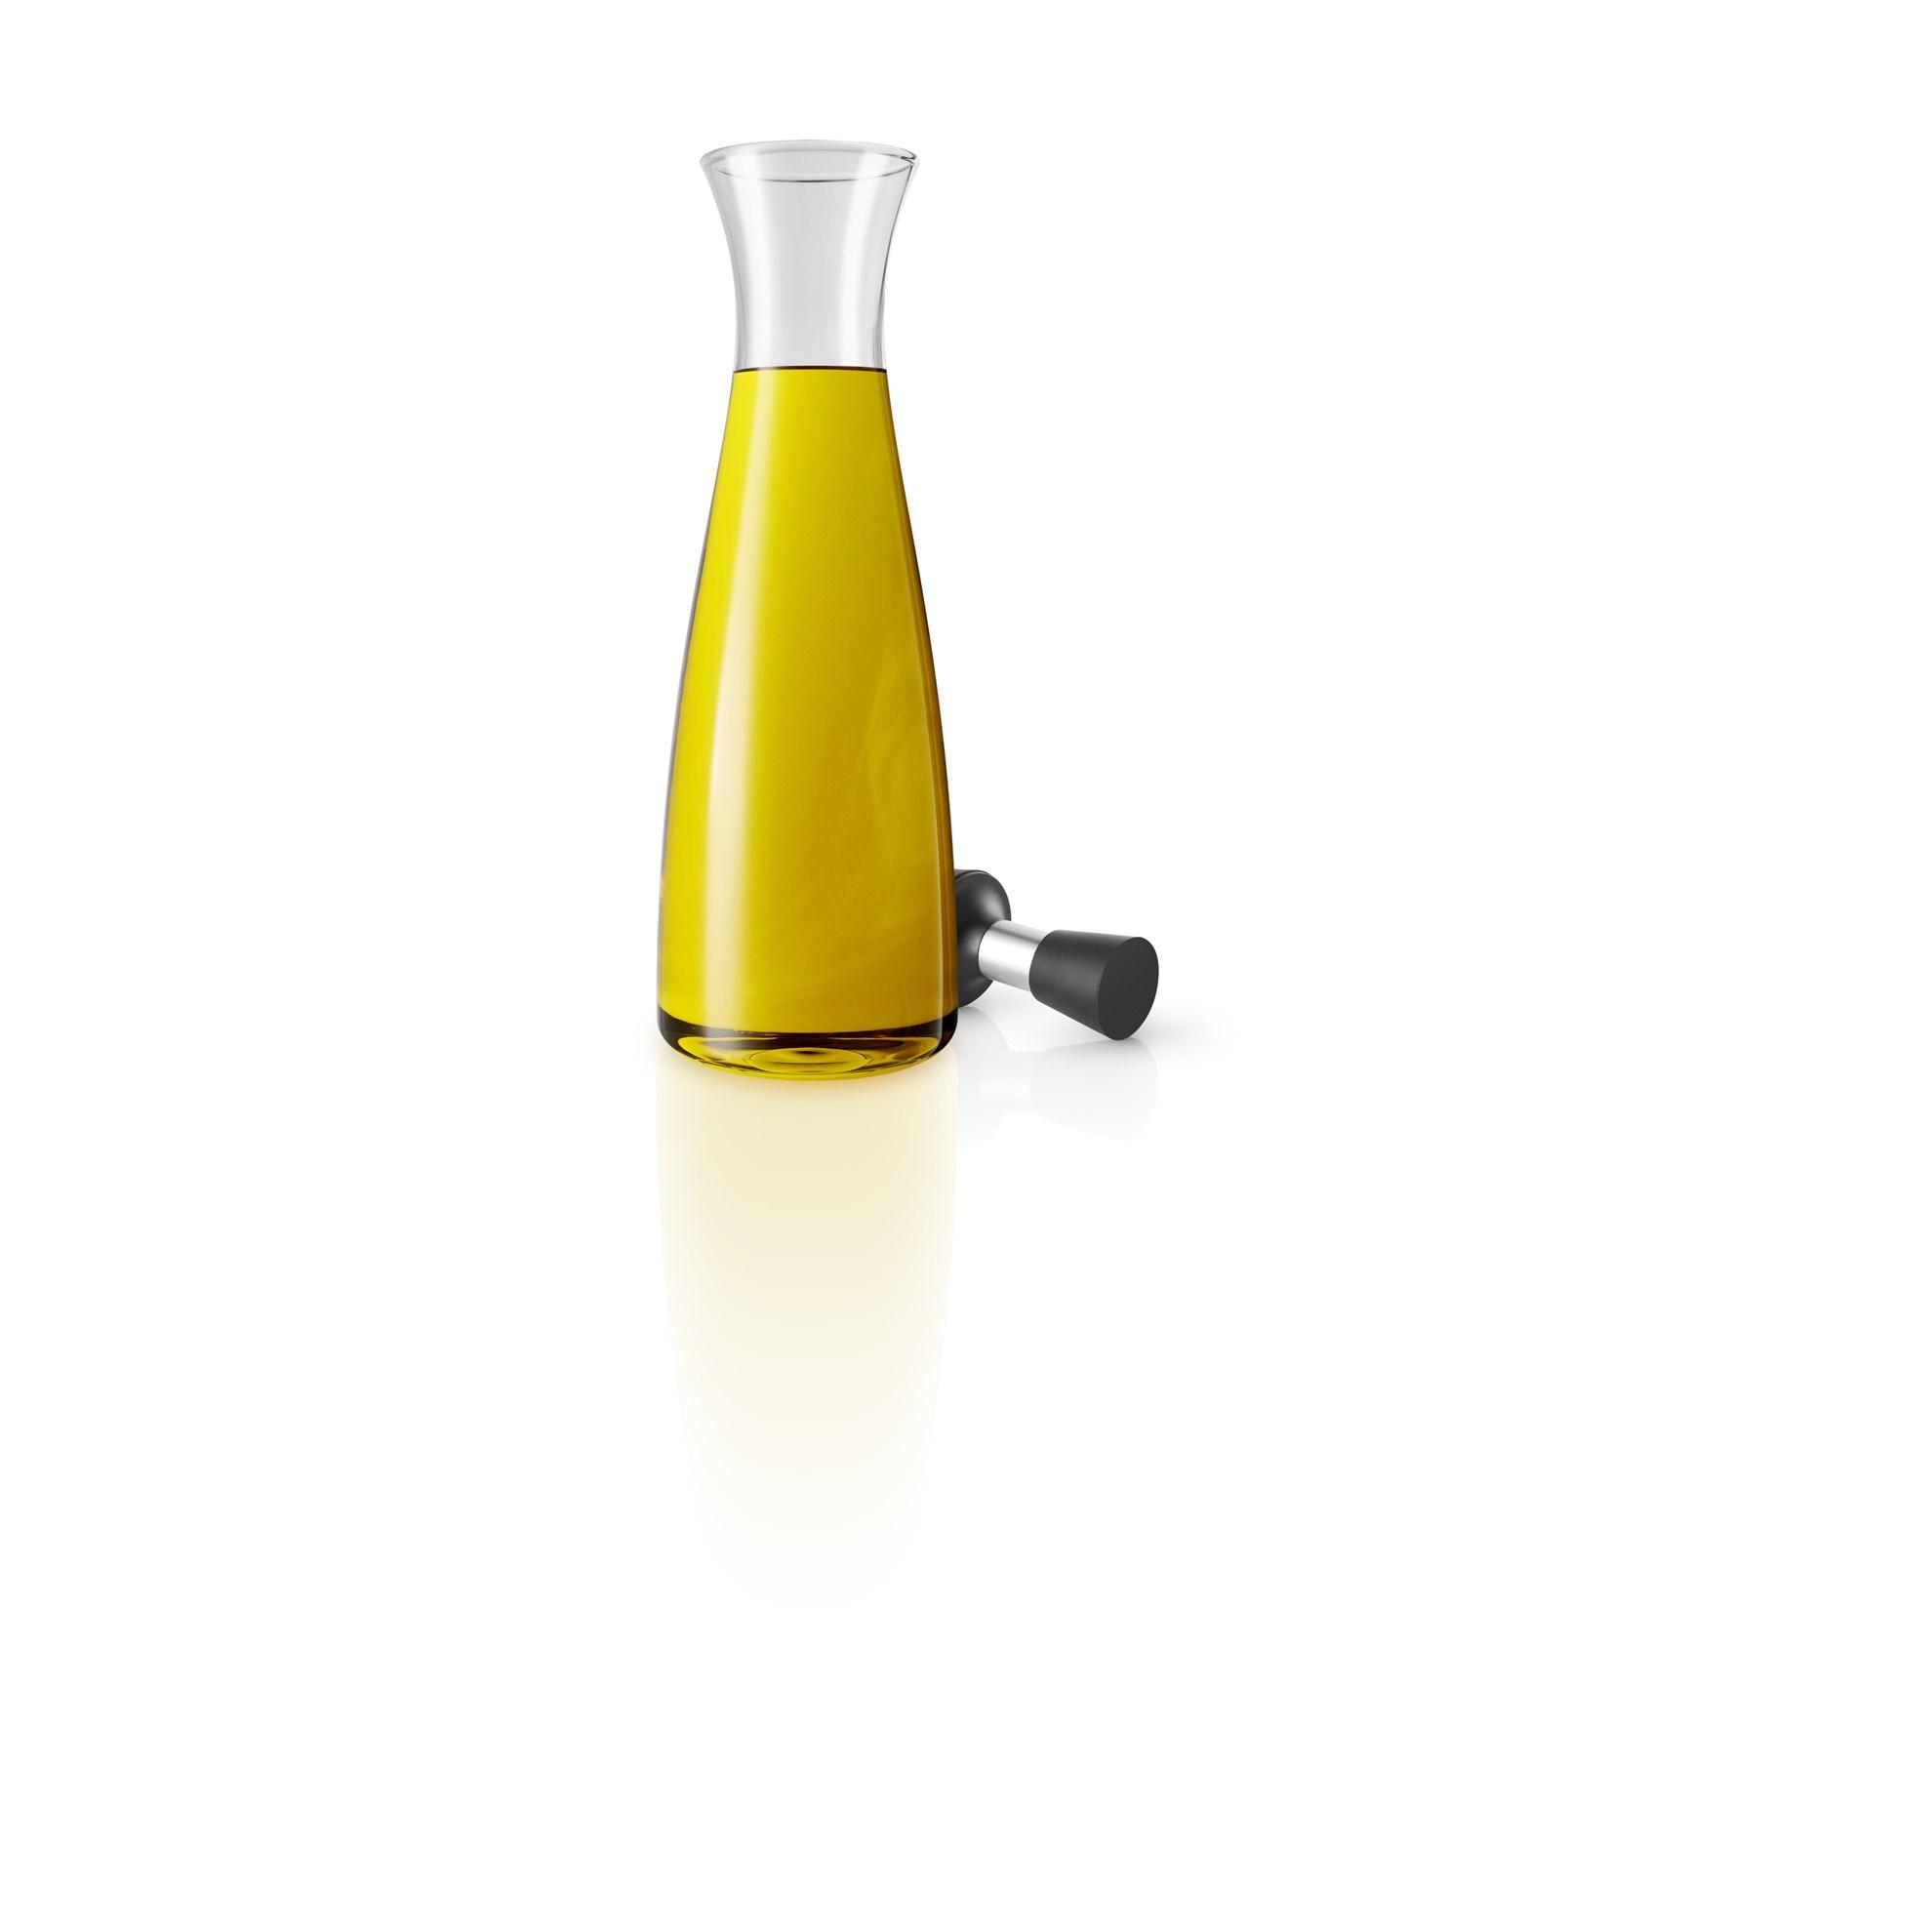 Karafa na olej nebo ocet 0,5 l_1